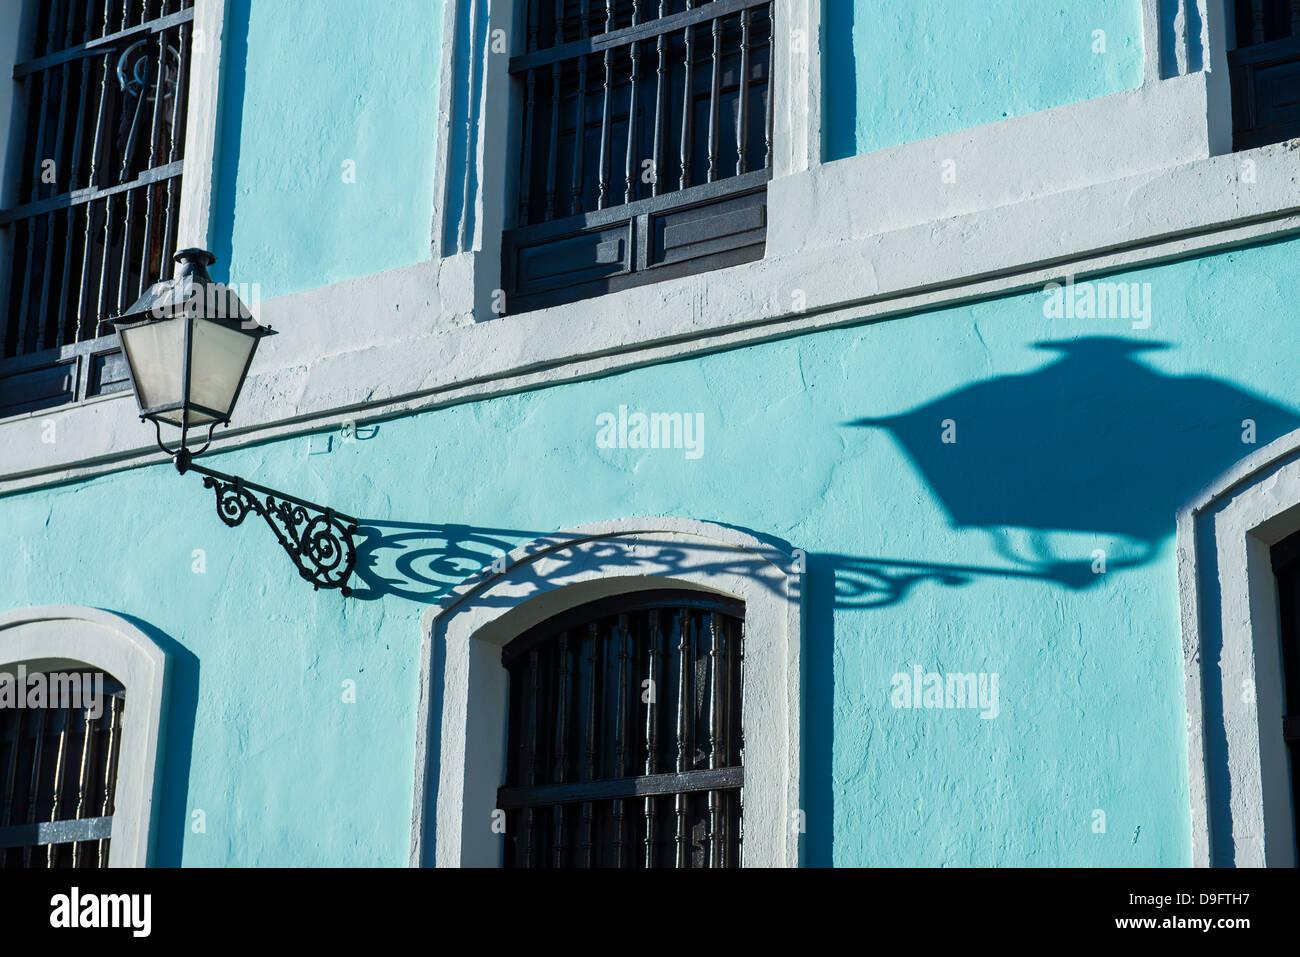 Città vecchia di San Juan, Sito Patrimonio Mondiale dell'UNESCO, Puerto Rico, West Indies, dei Caraibi Immagini Stock